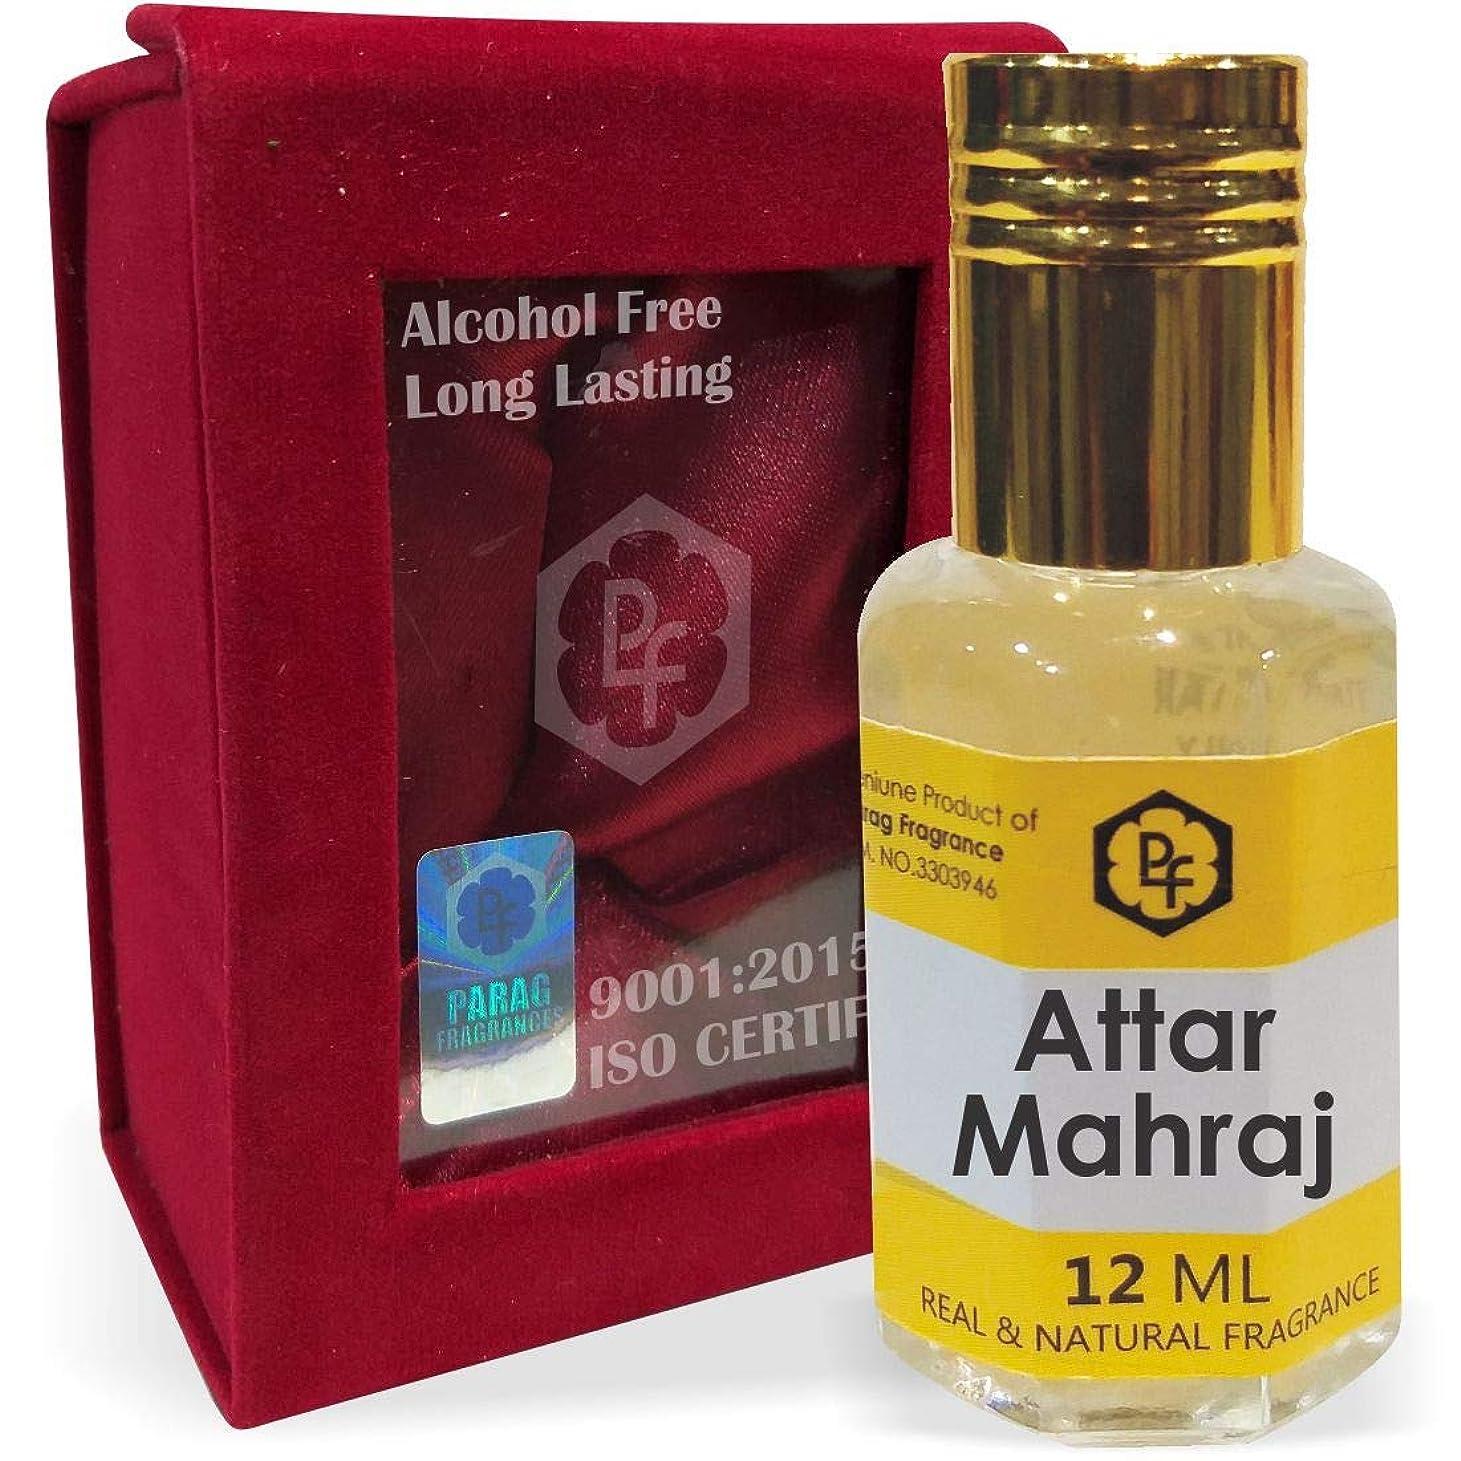 メタルライン退屈させる卑しいParagフレグランス手作りベルベットボックスMahraj 12ミリリットルアター/香水(インドの伝統的なBhapka処理方法により、インド製)オイル/フレグランスオイル|長持ちアターITRA最高の品質